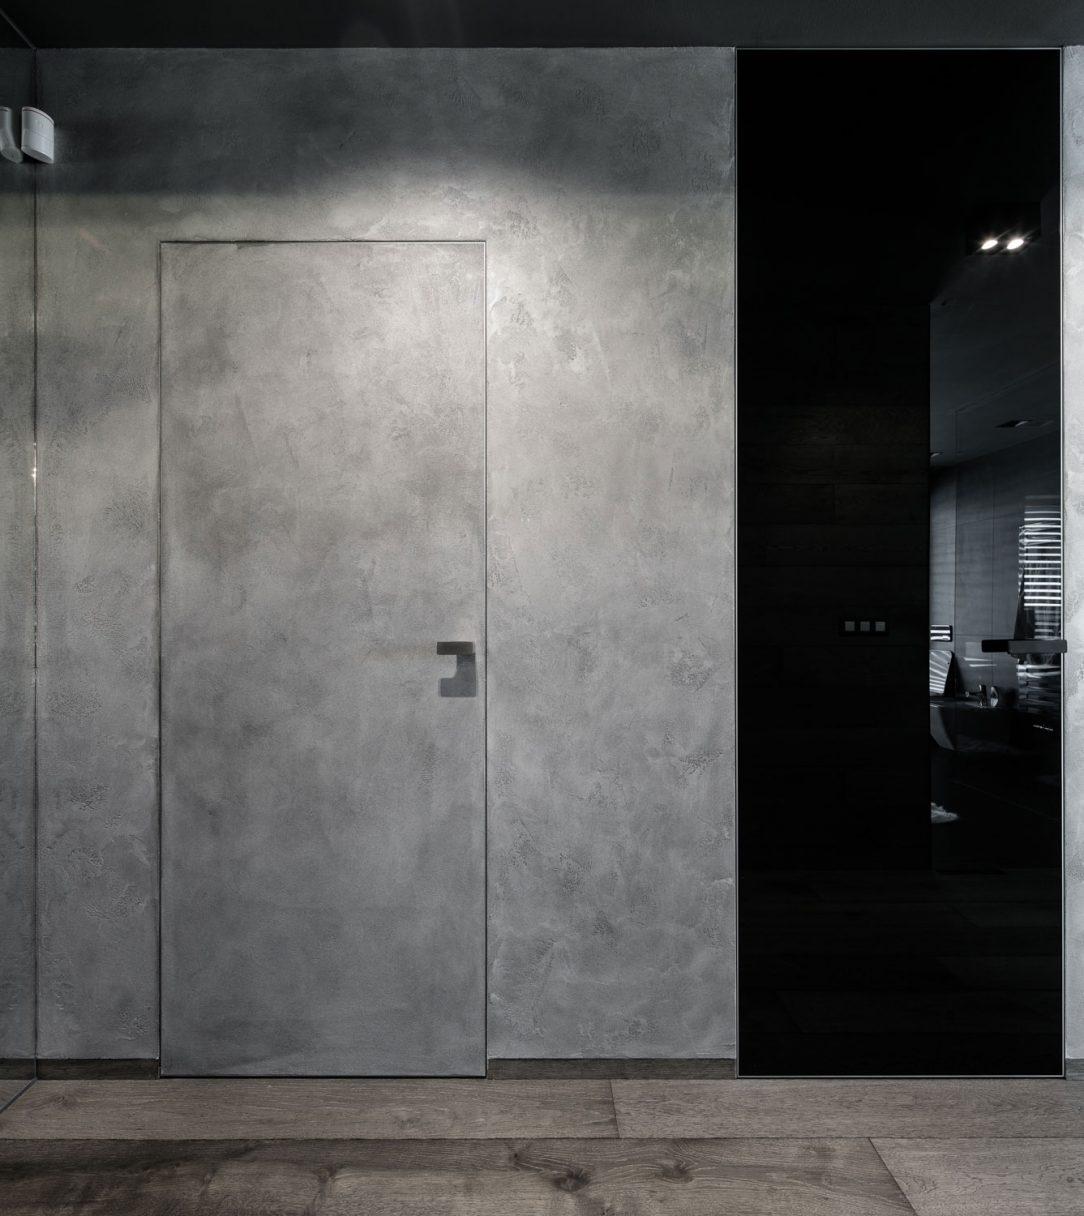 Penetrovaná MDF deska na dveřích MASTER DOOR nese na svém povrchu betonovou stěrku ze sousedící stěny.